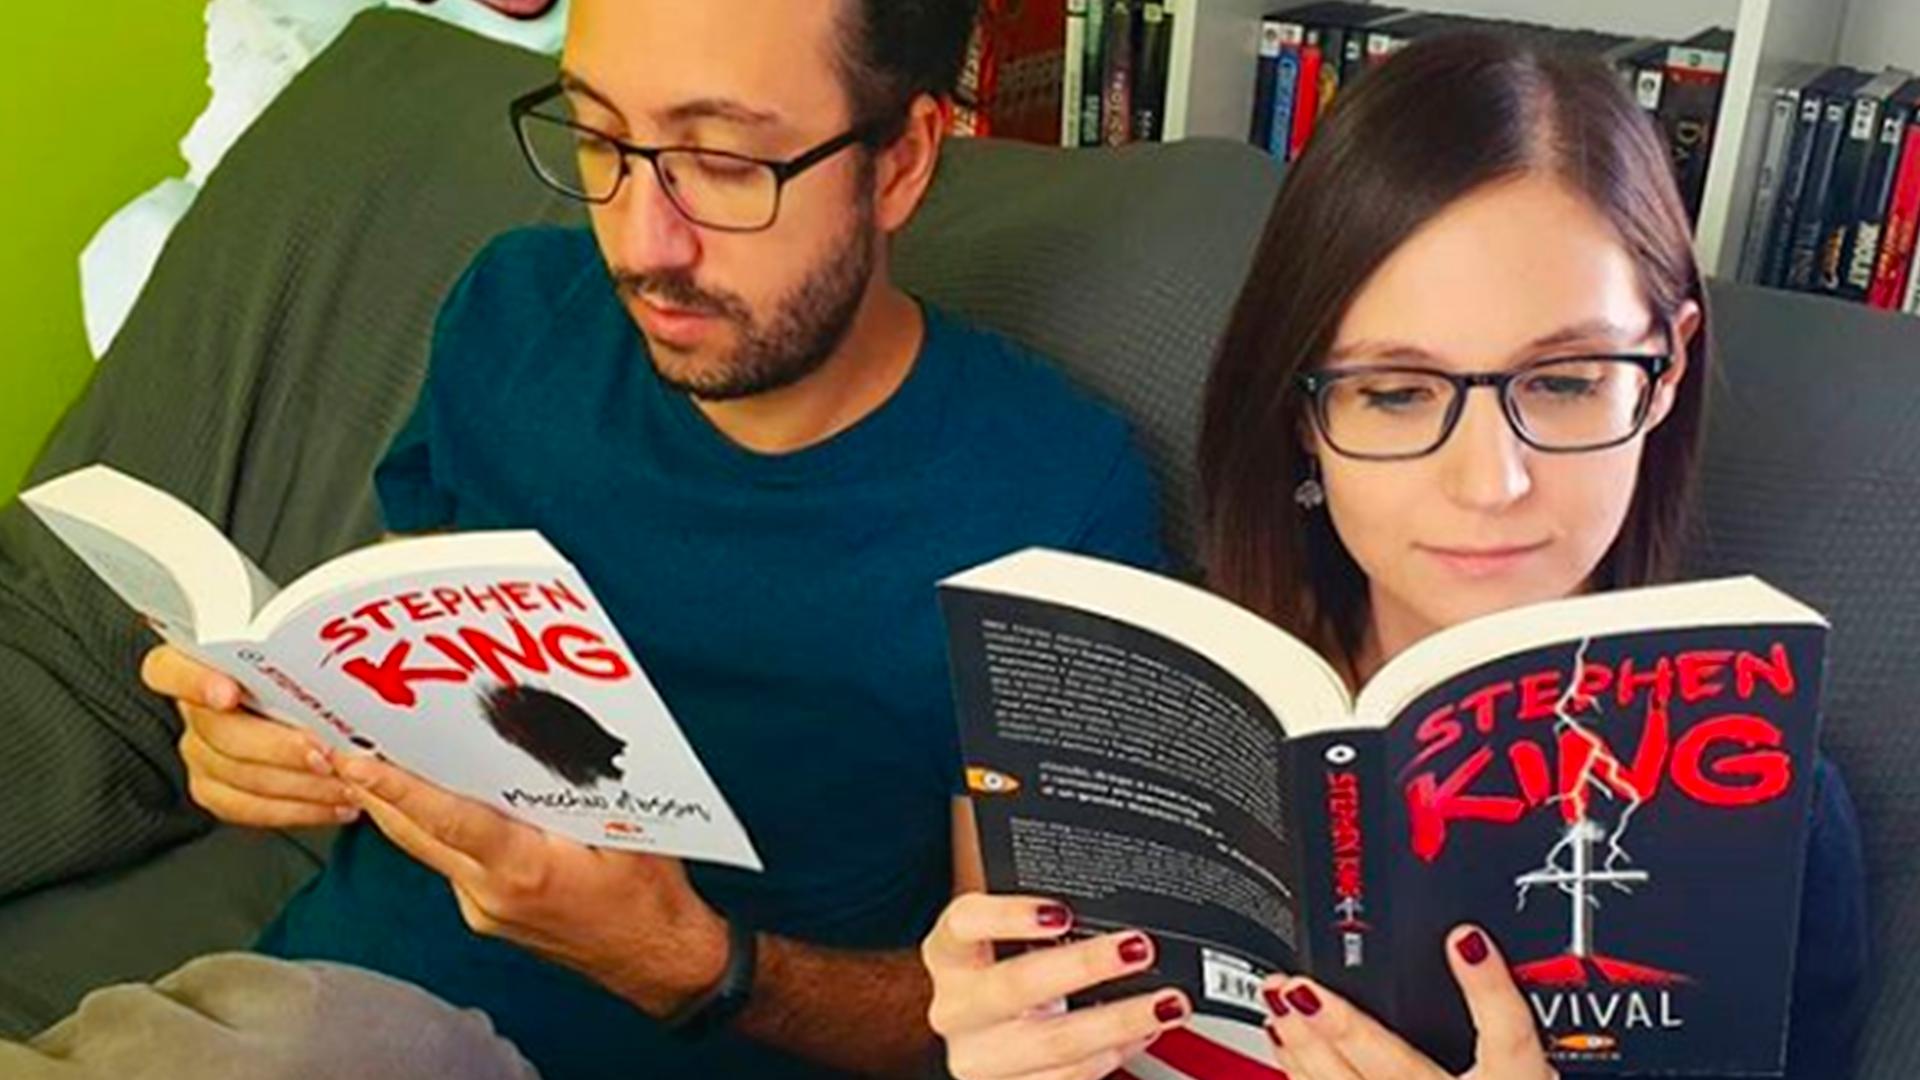 Giveaway permanente su Instagram: premiamo il tuo angolo o momento nerd